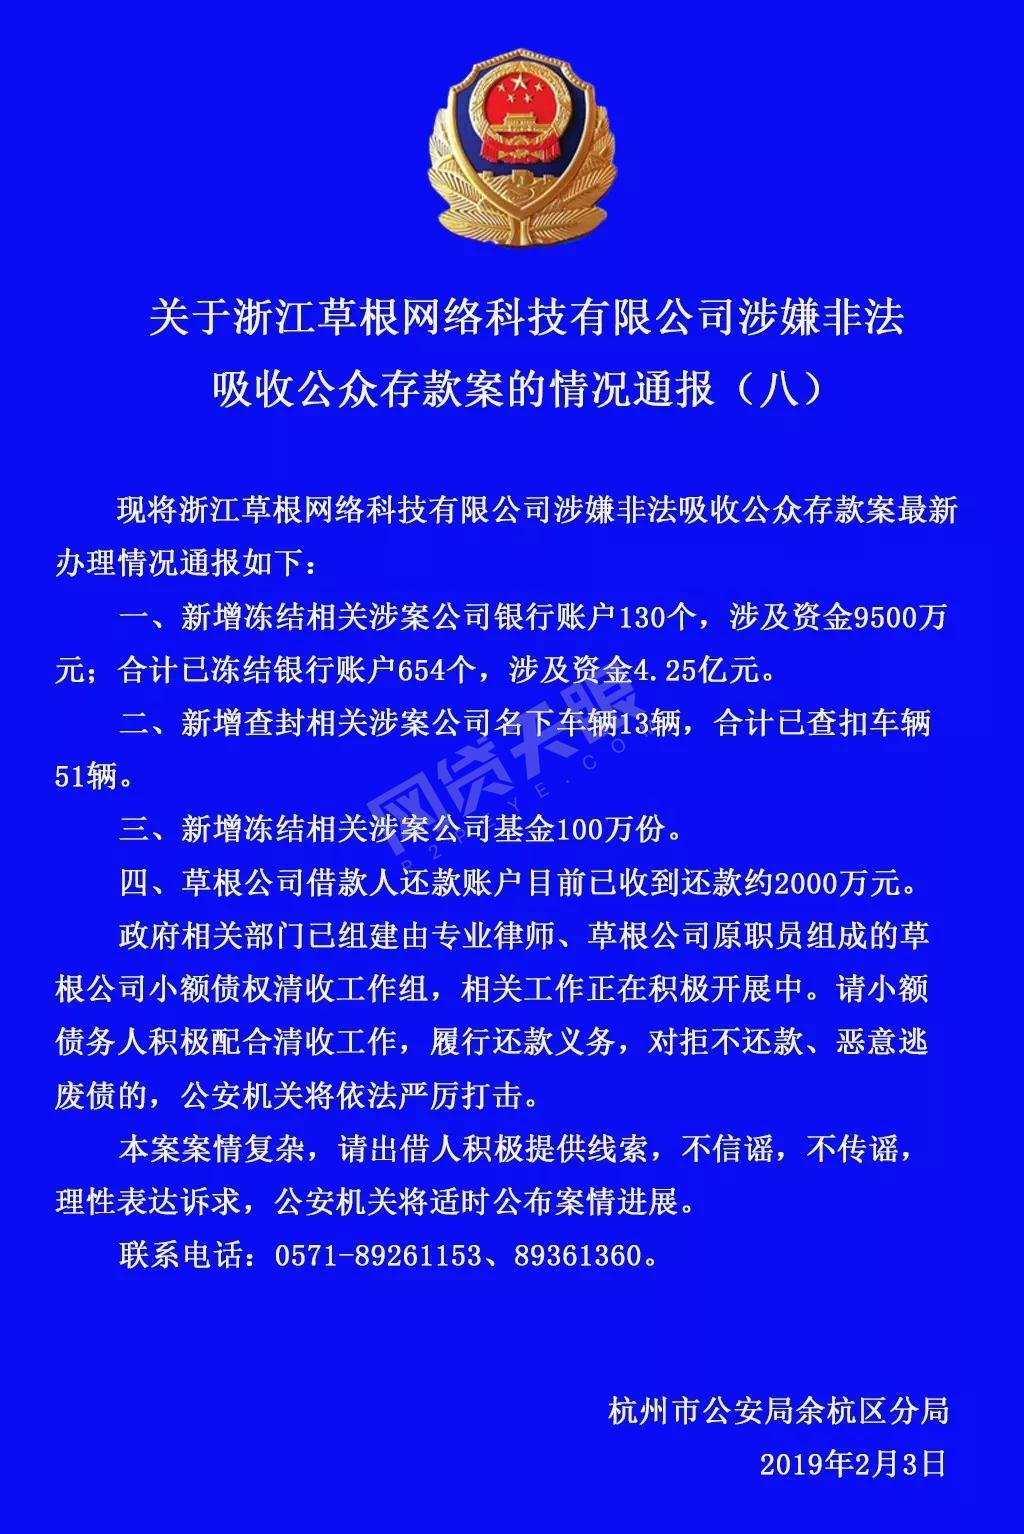 杭州警方公布草根投资等两平台案情进展 合计冻结逾4亿元1